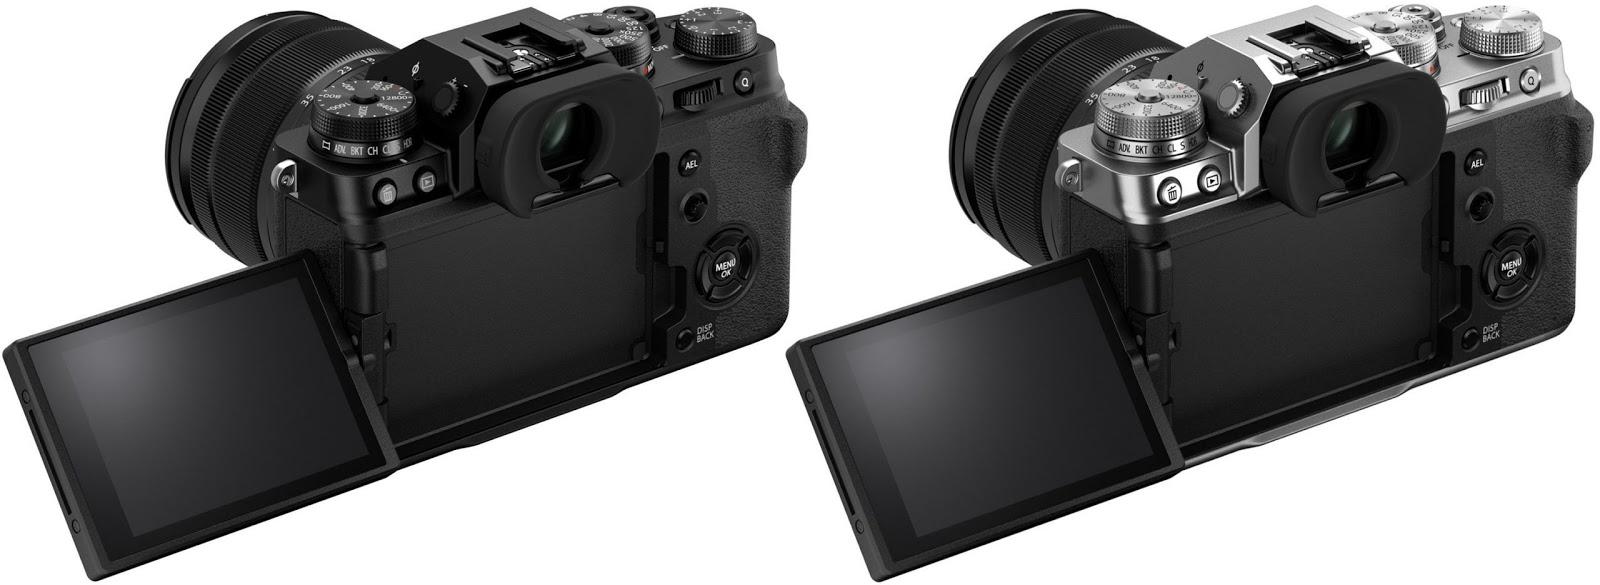 Fujifilm X-T4 получил поворотный экран